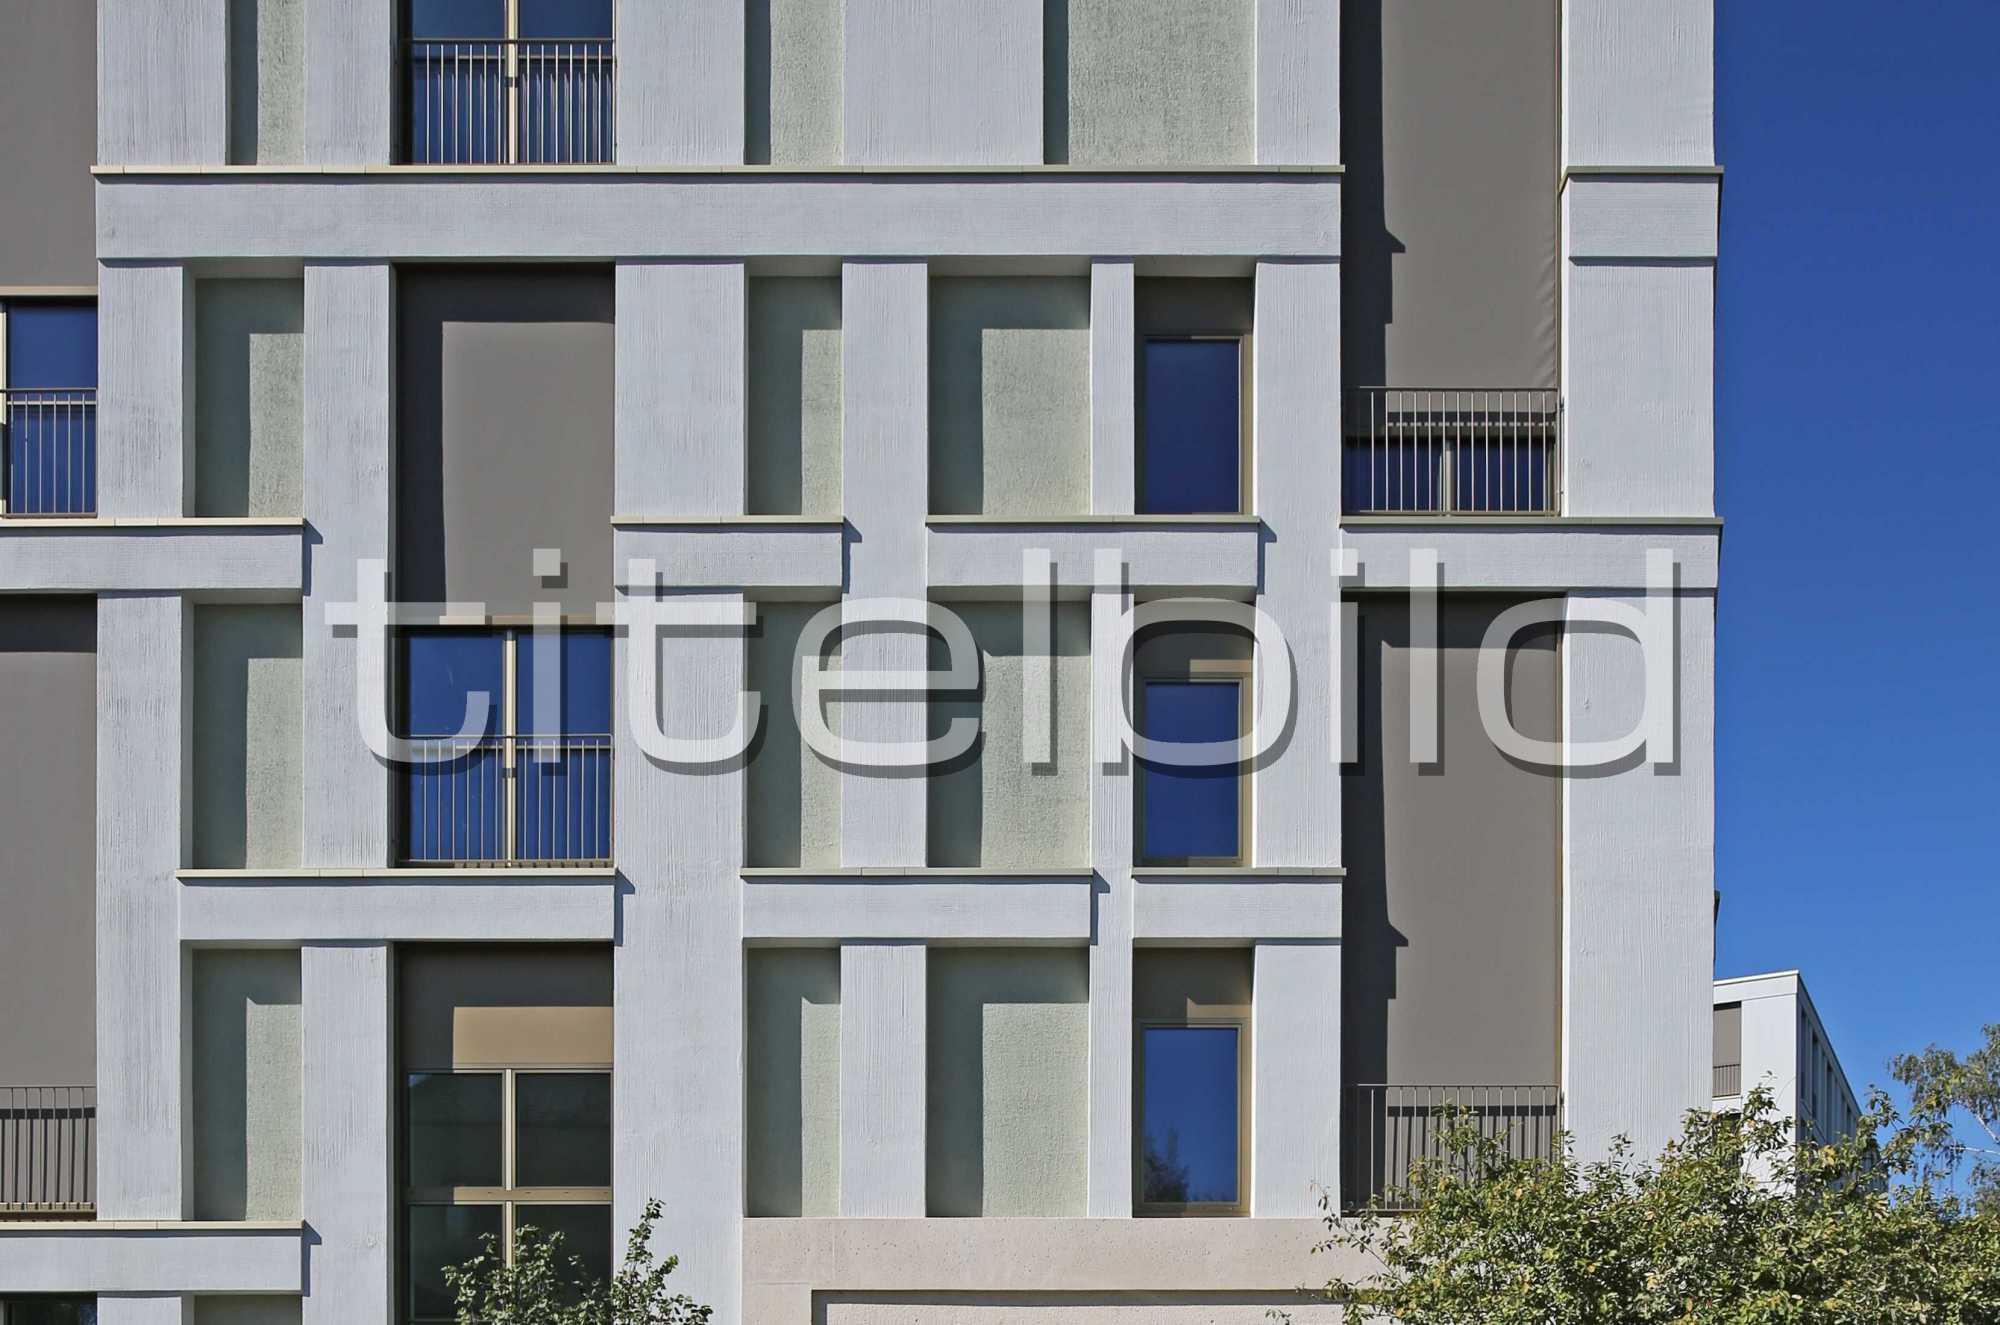 Projektbild-Nr. 0: Siedlung Buchegg